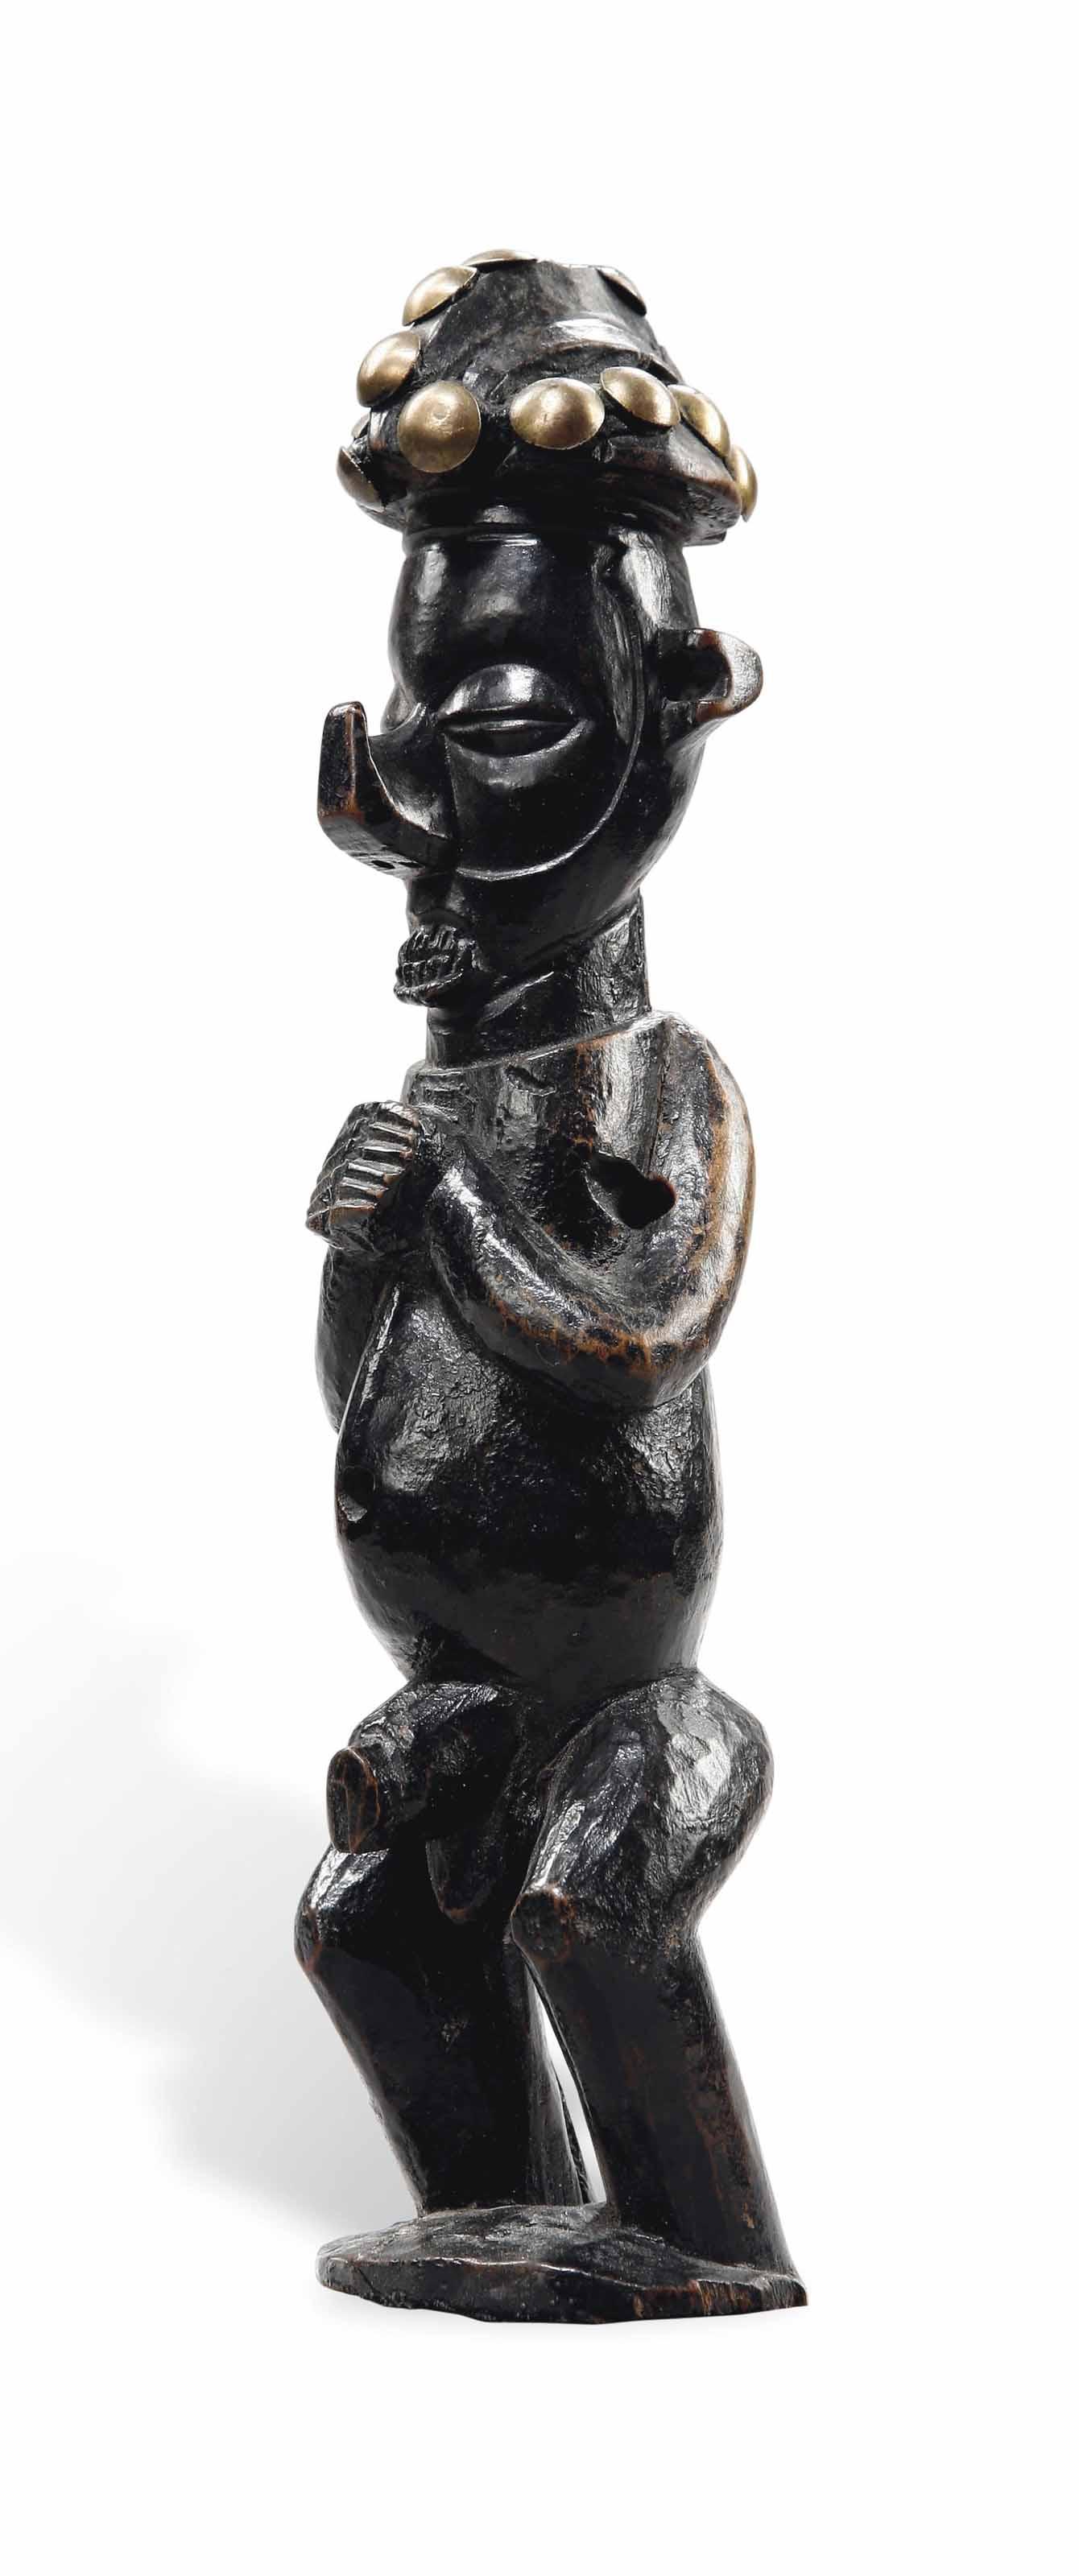 Statuette Figure